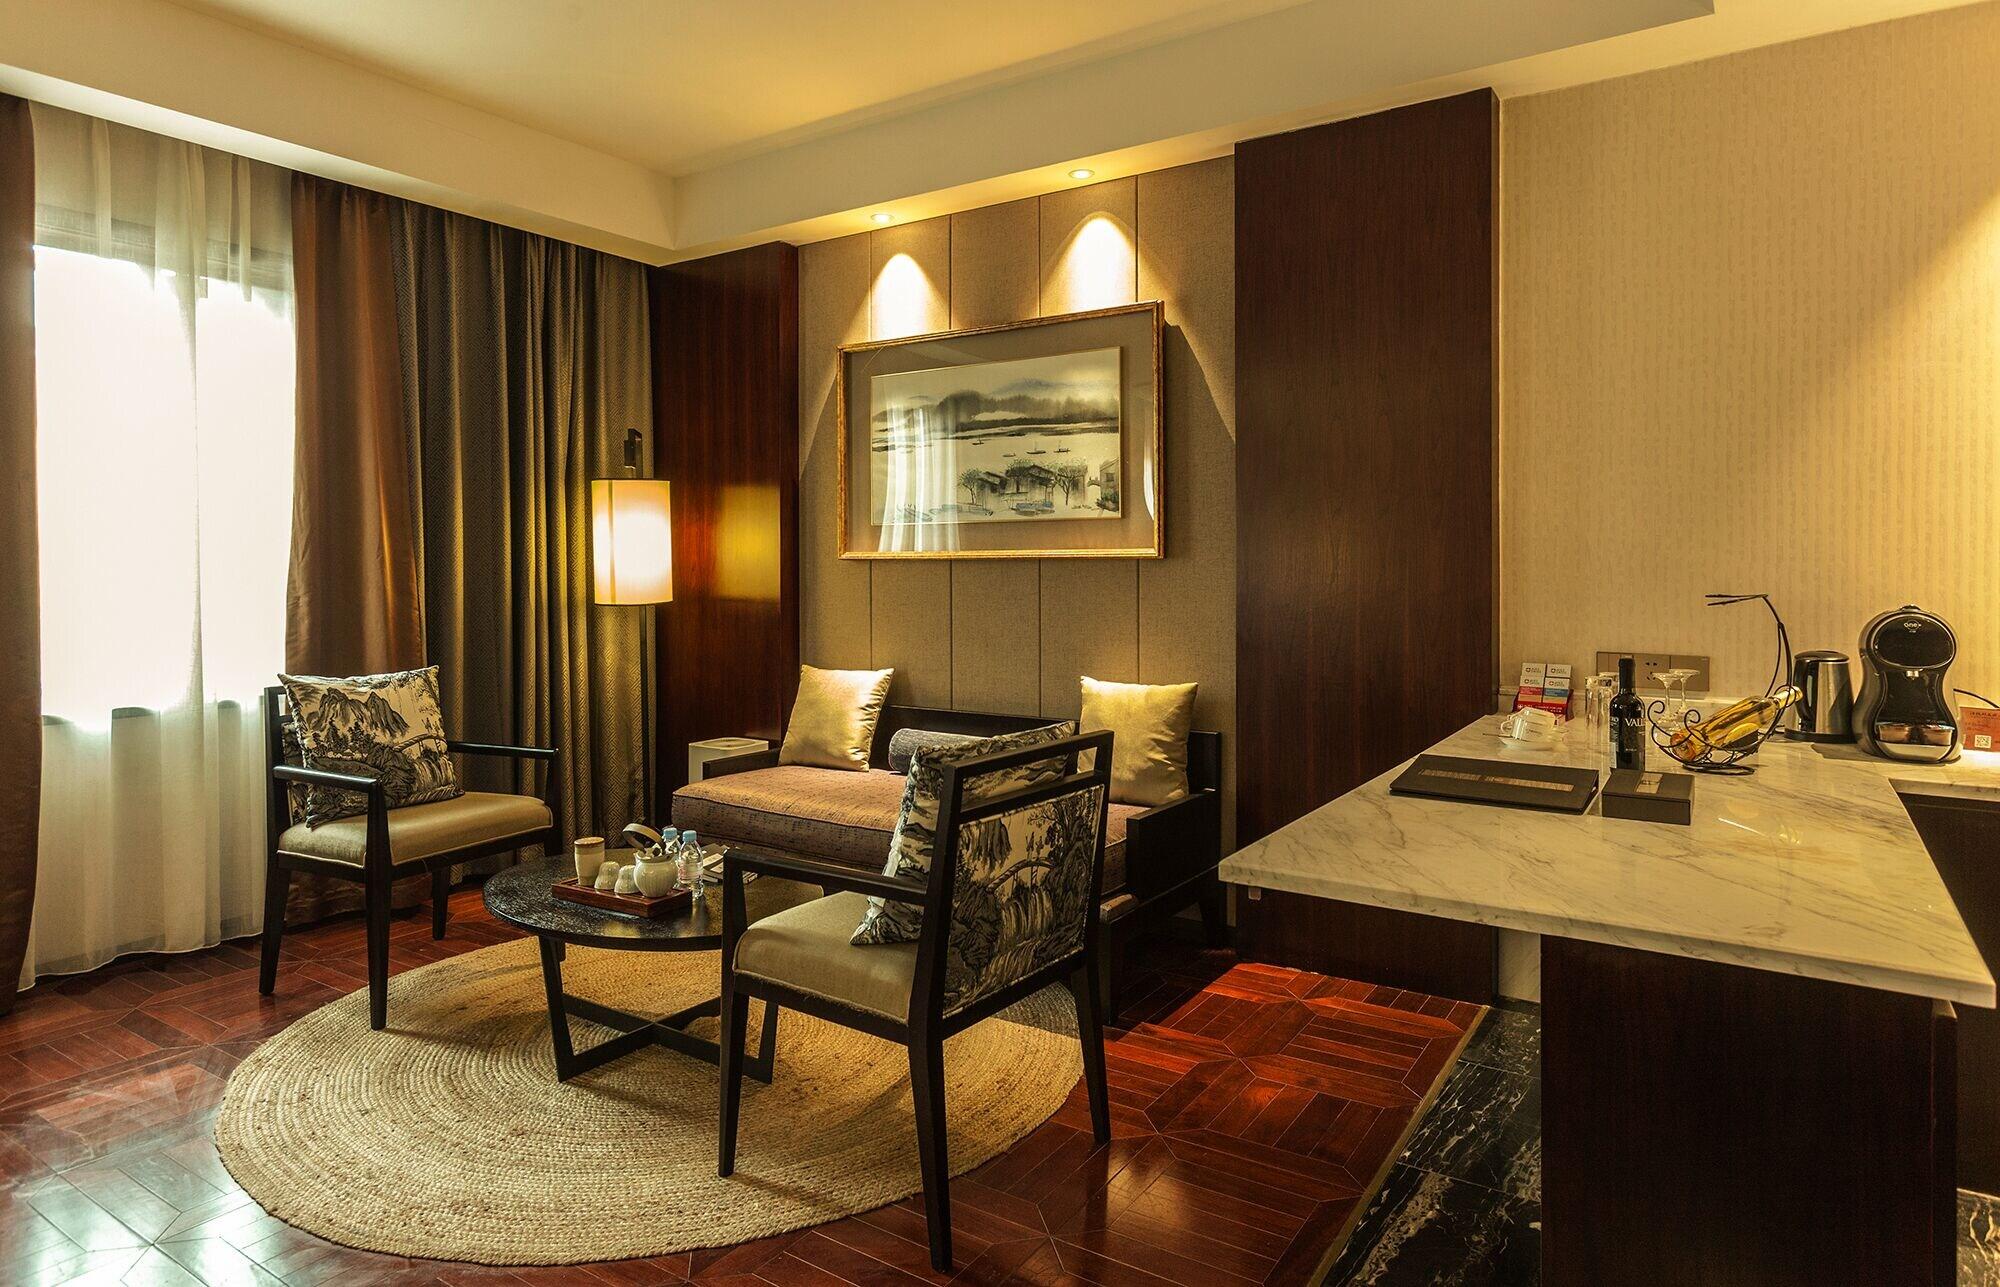 Hejing Chengshang Generations Hotel, Bayin'gholin Mongol